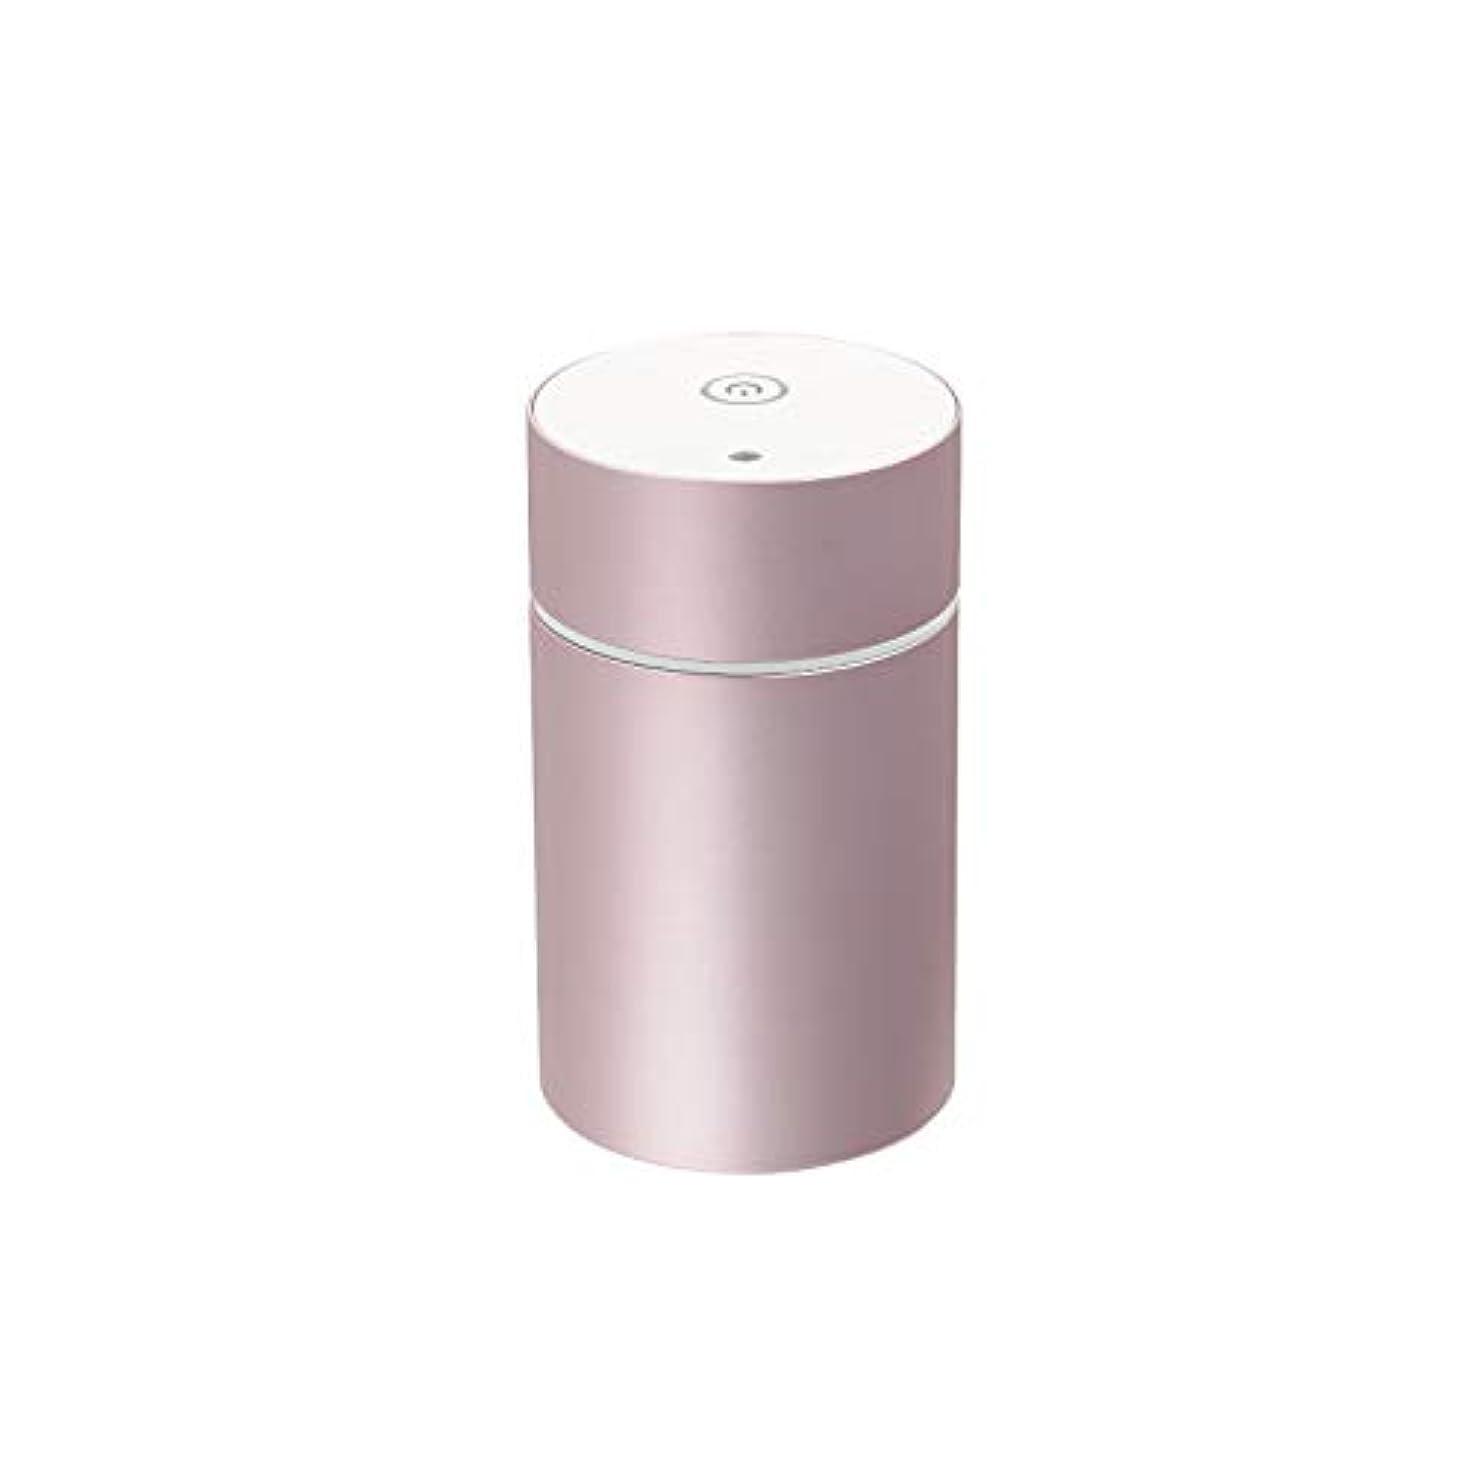 ストライク担保比率生活の木 アロマディフューザー(ピンク)aromore mini(アロモアミニ) 08-801-7020